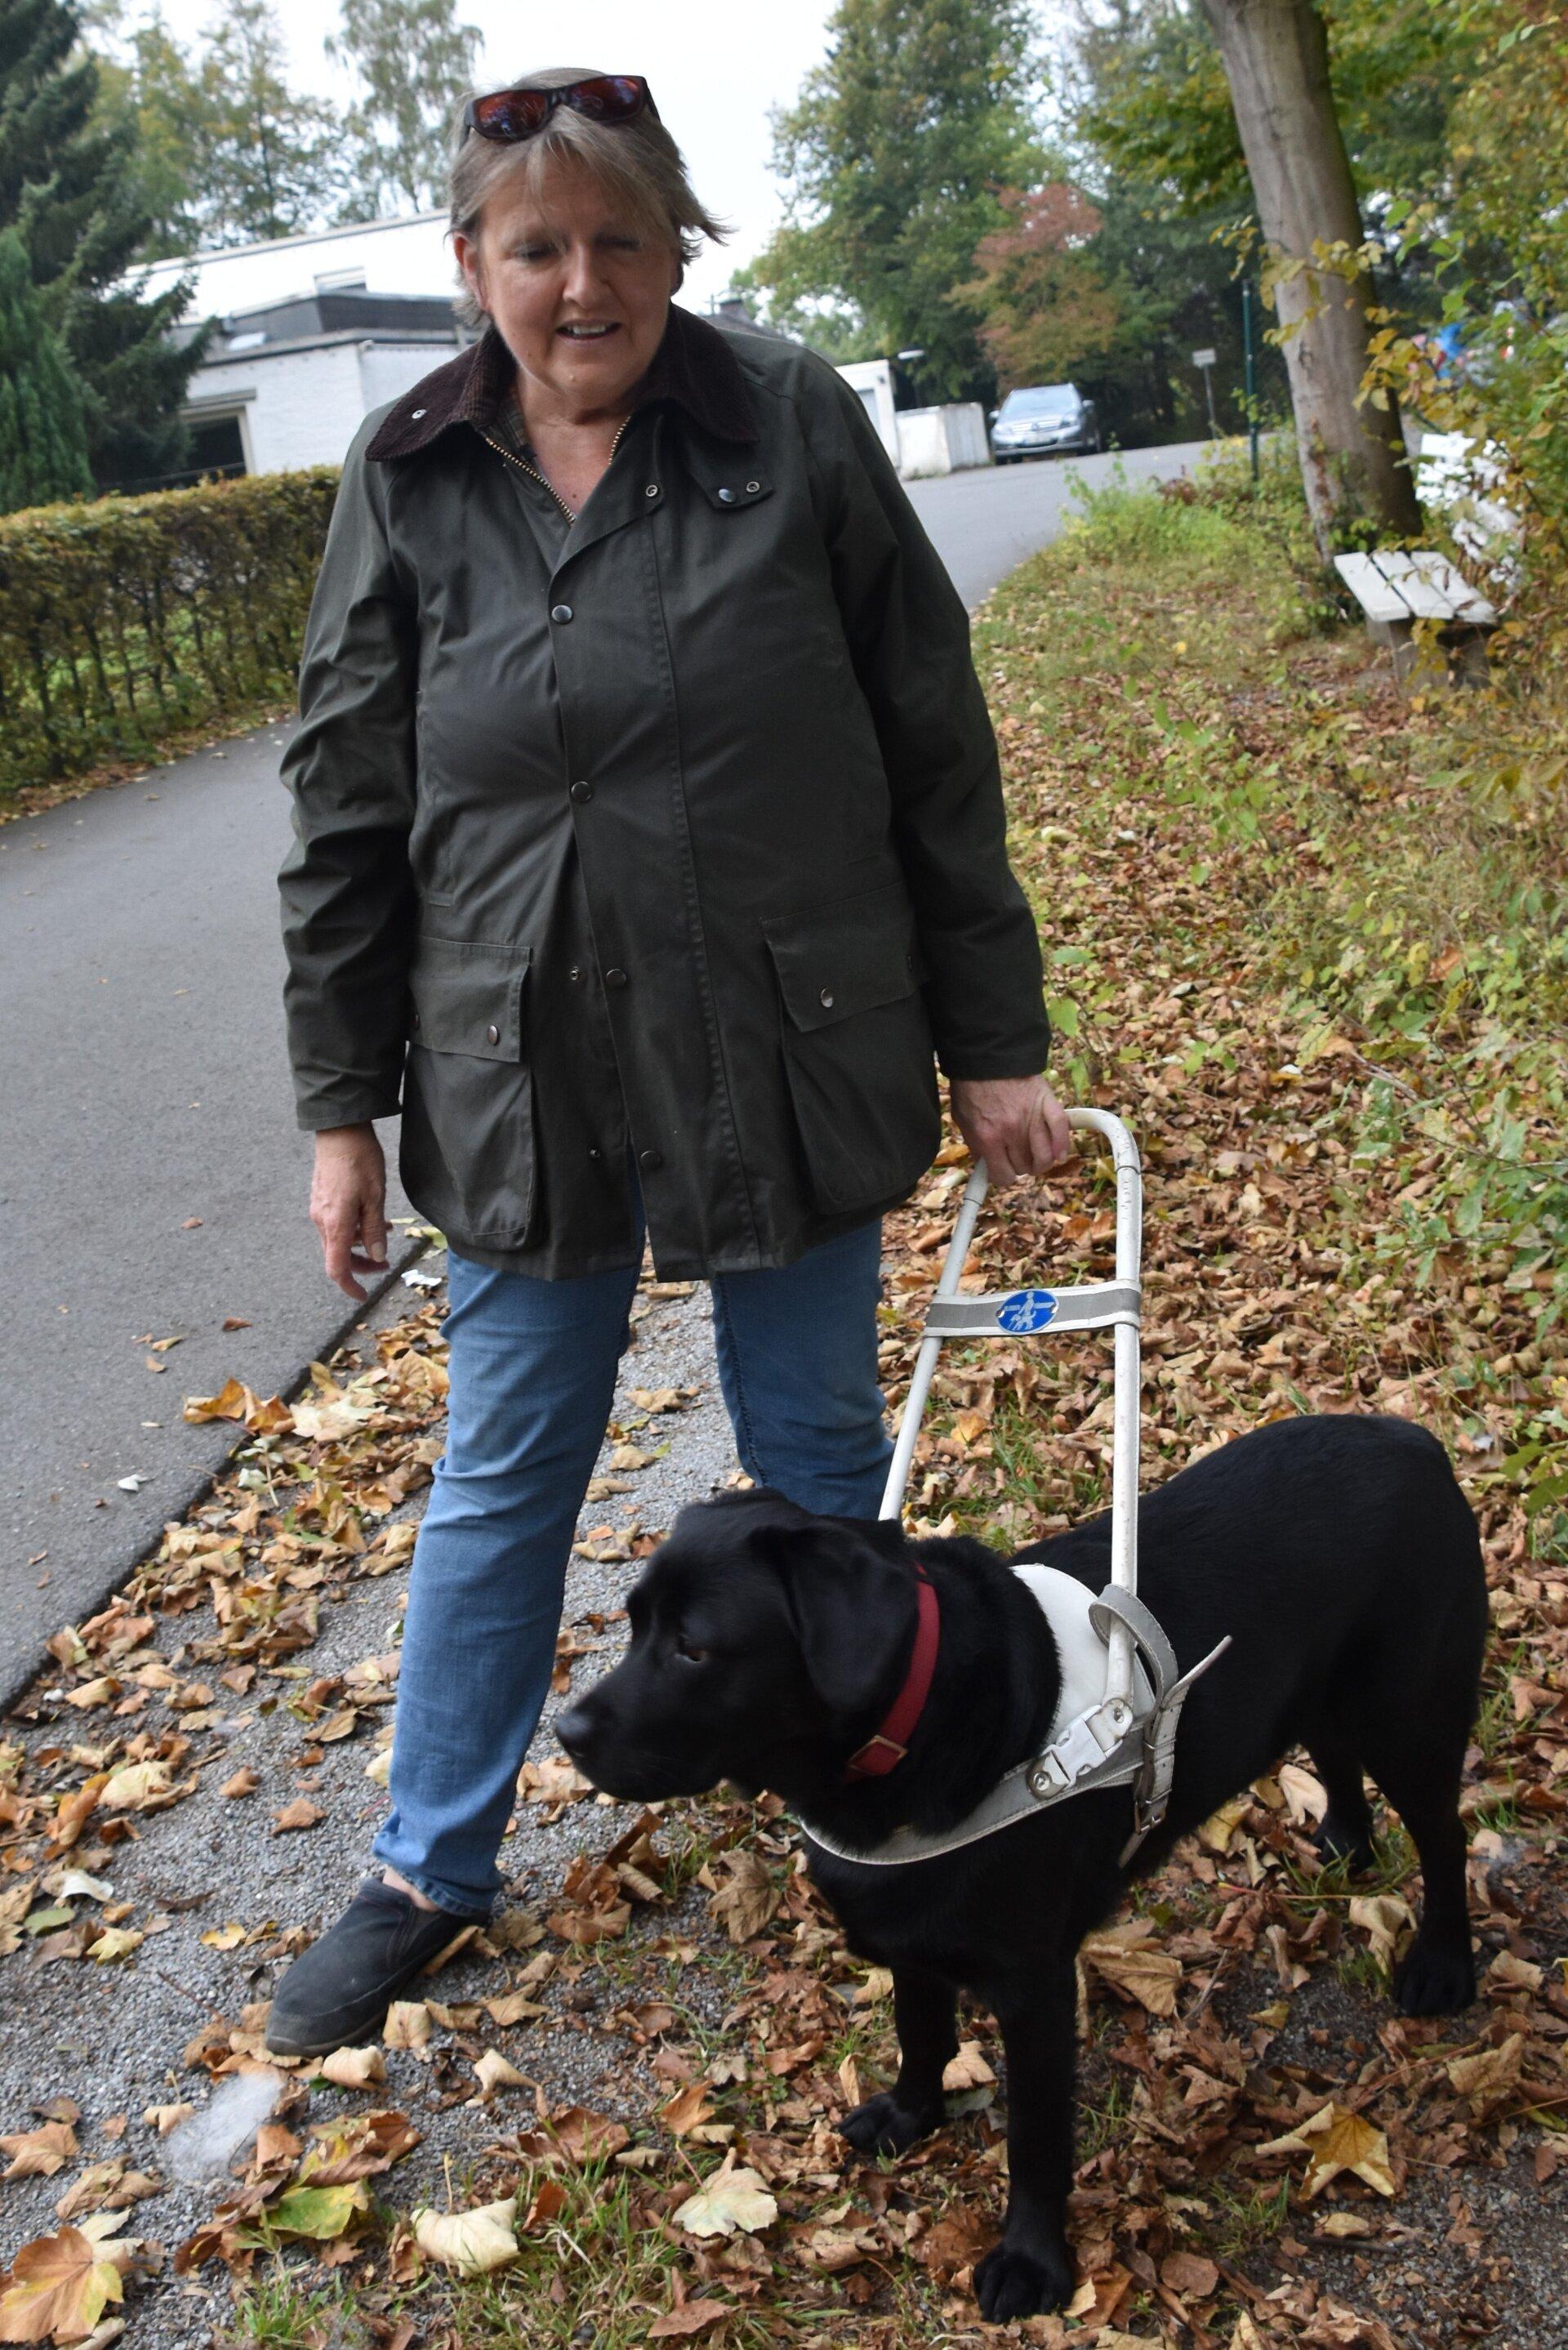 Andrea mit schwarzem Labrador Emmi im Führgeschirr